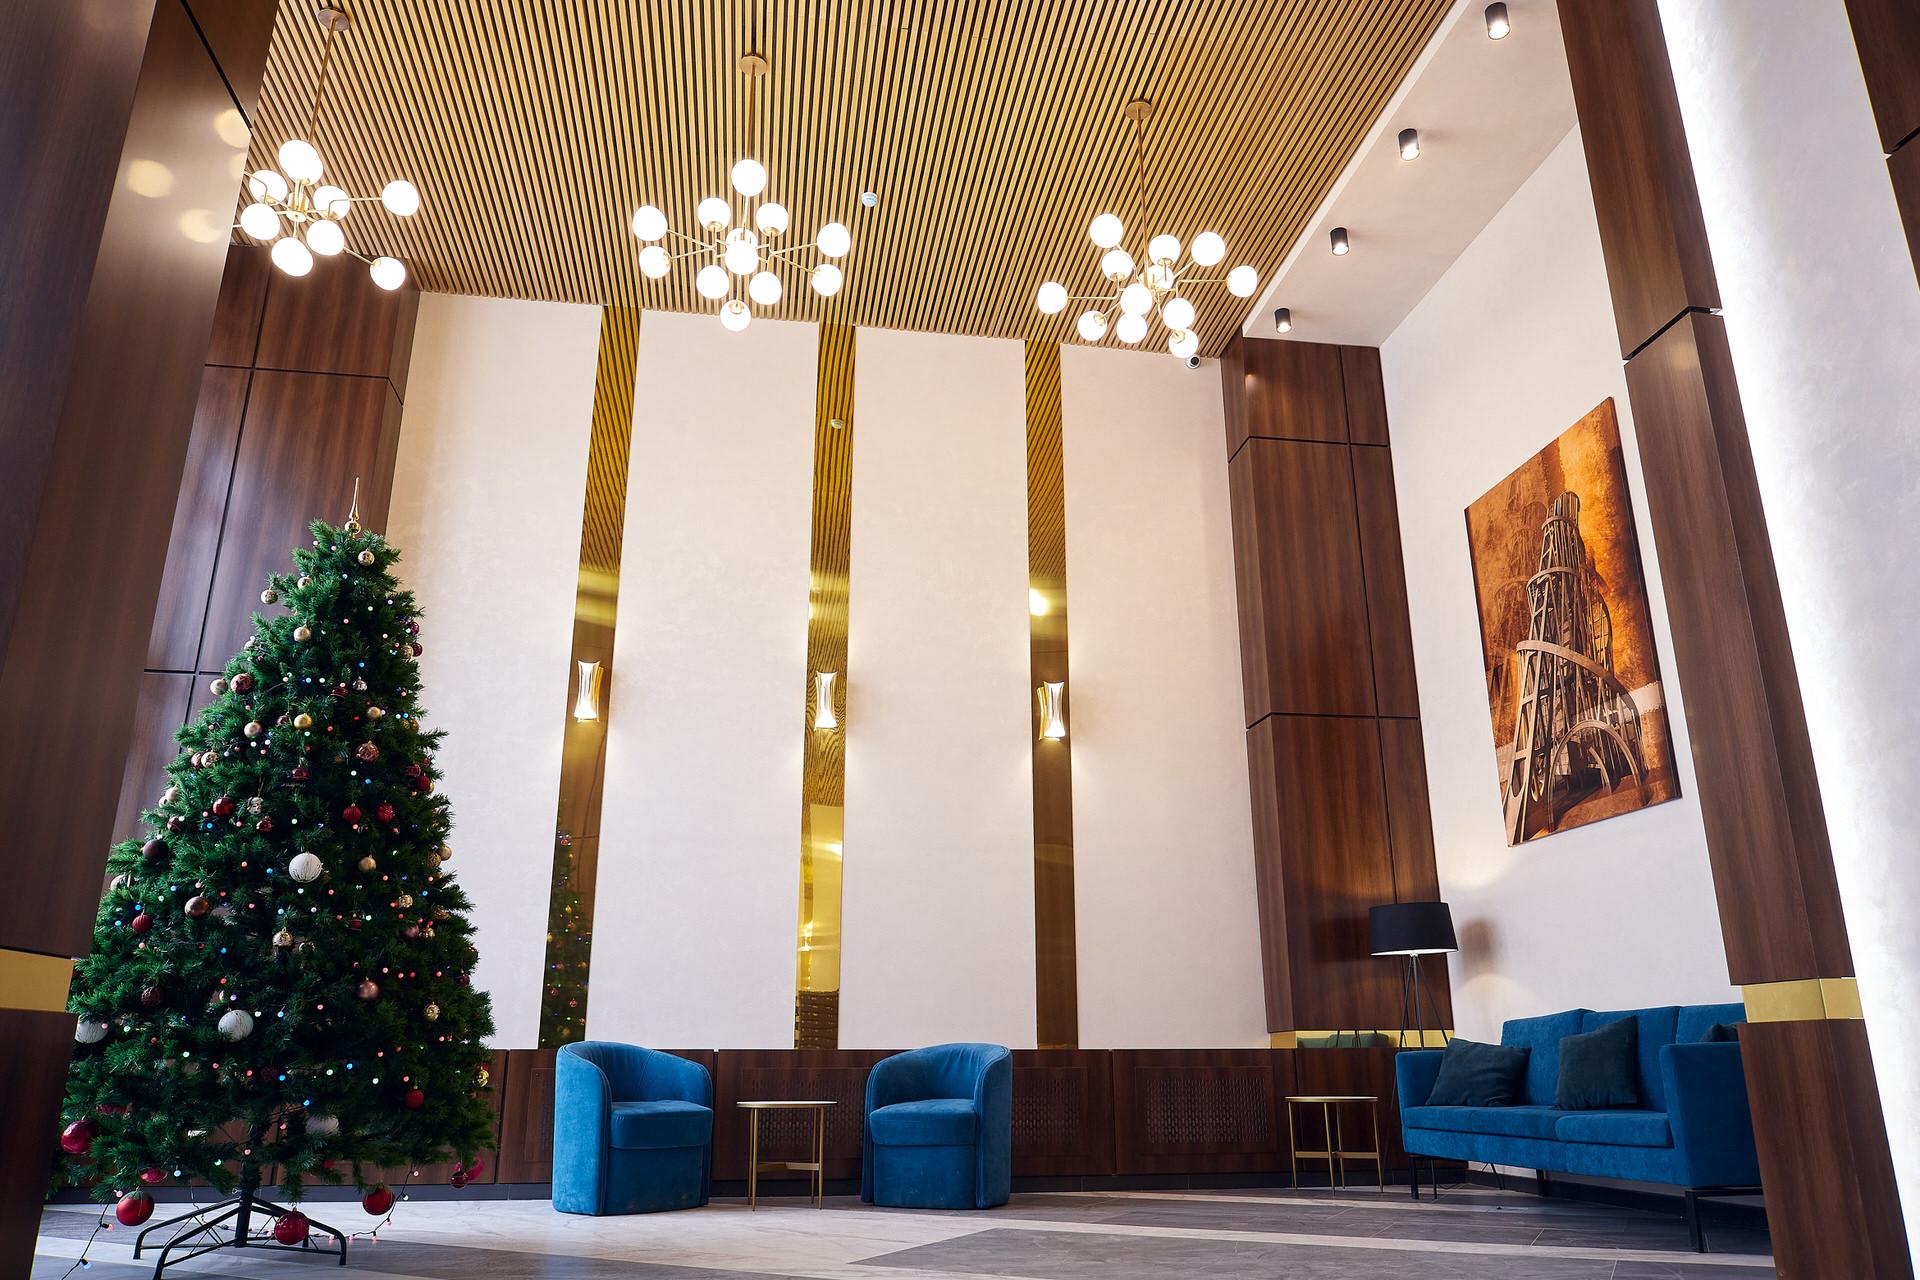 Холл больше похож на просторную гостиную